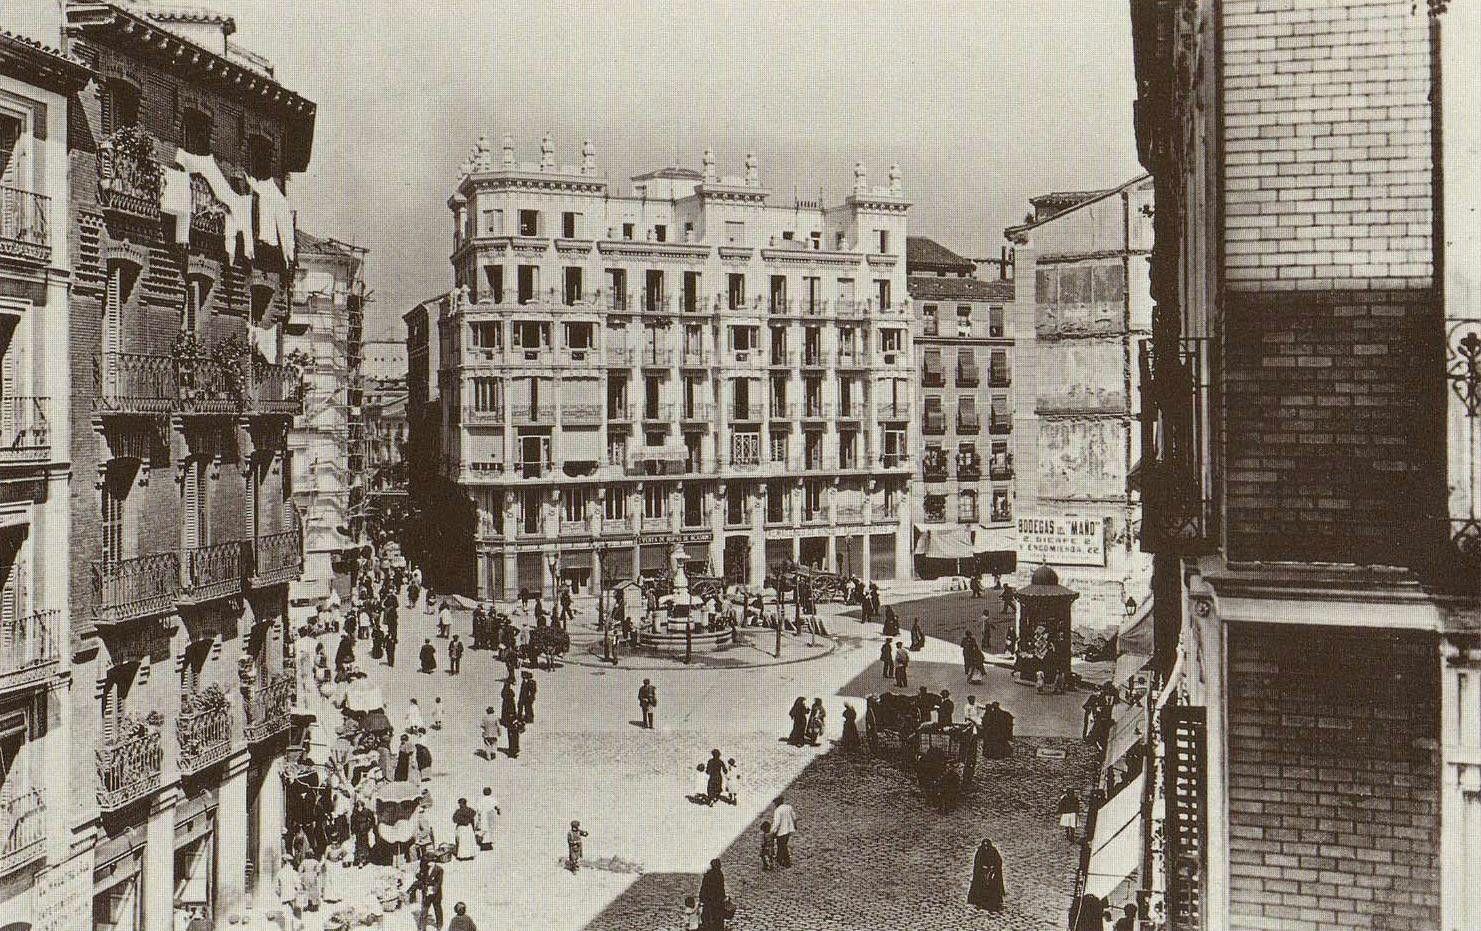 Fotos antiguas de Madrid - Página 19 - ForoCoches